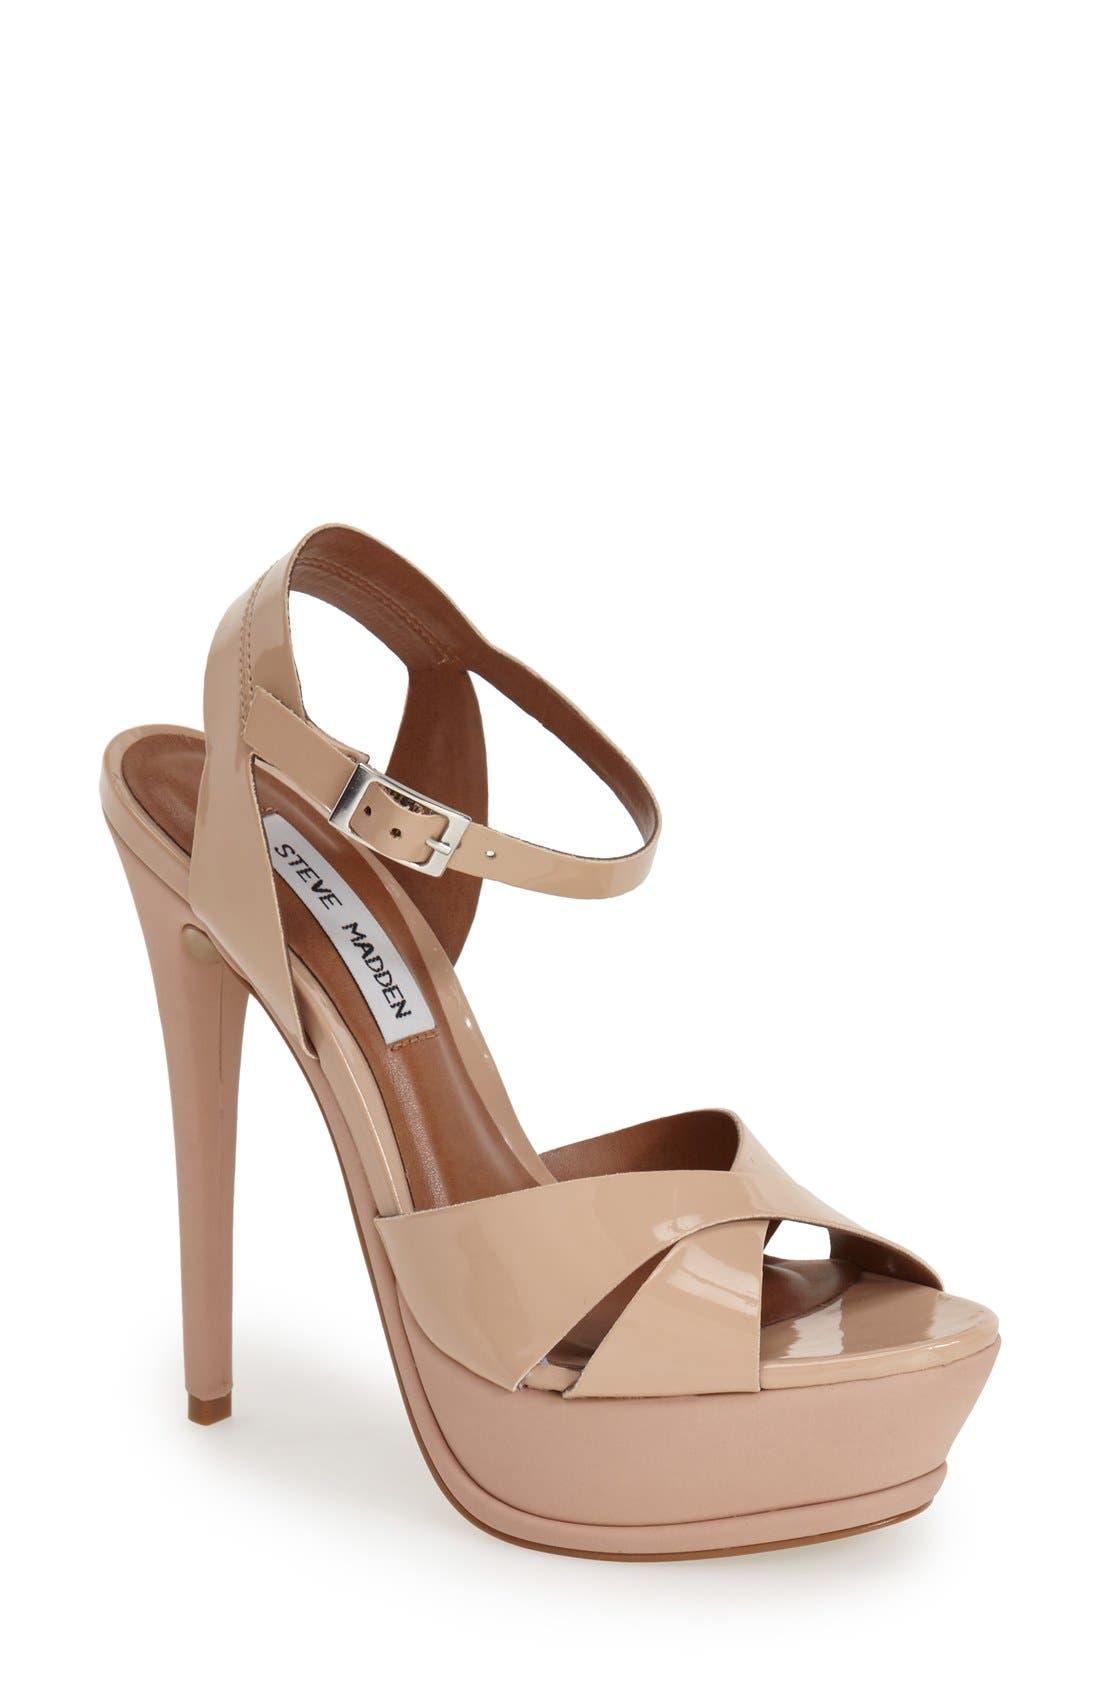 Alternate Image 1 Selected - Steve Madden 'Sylva' Platform Sandal (Women)